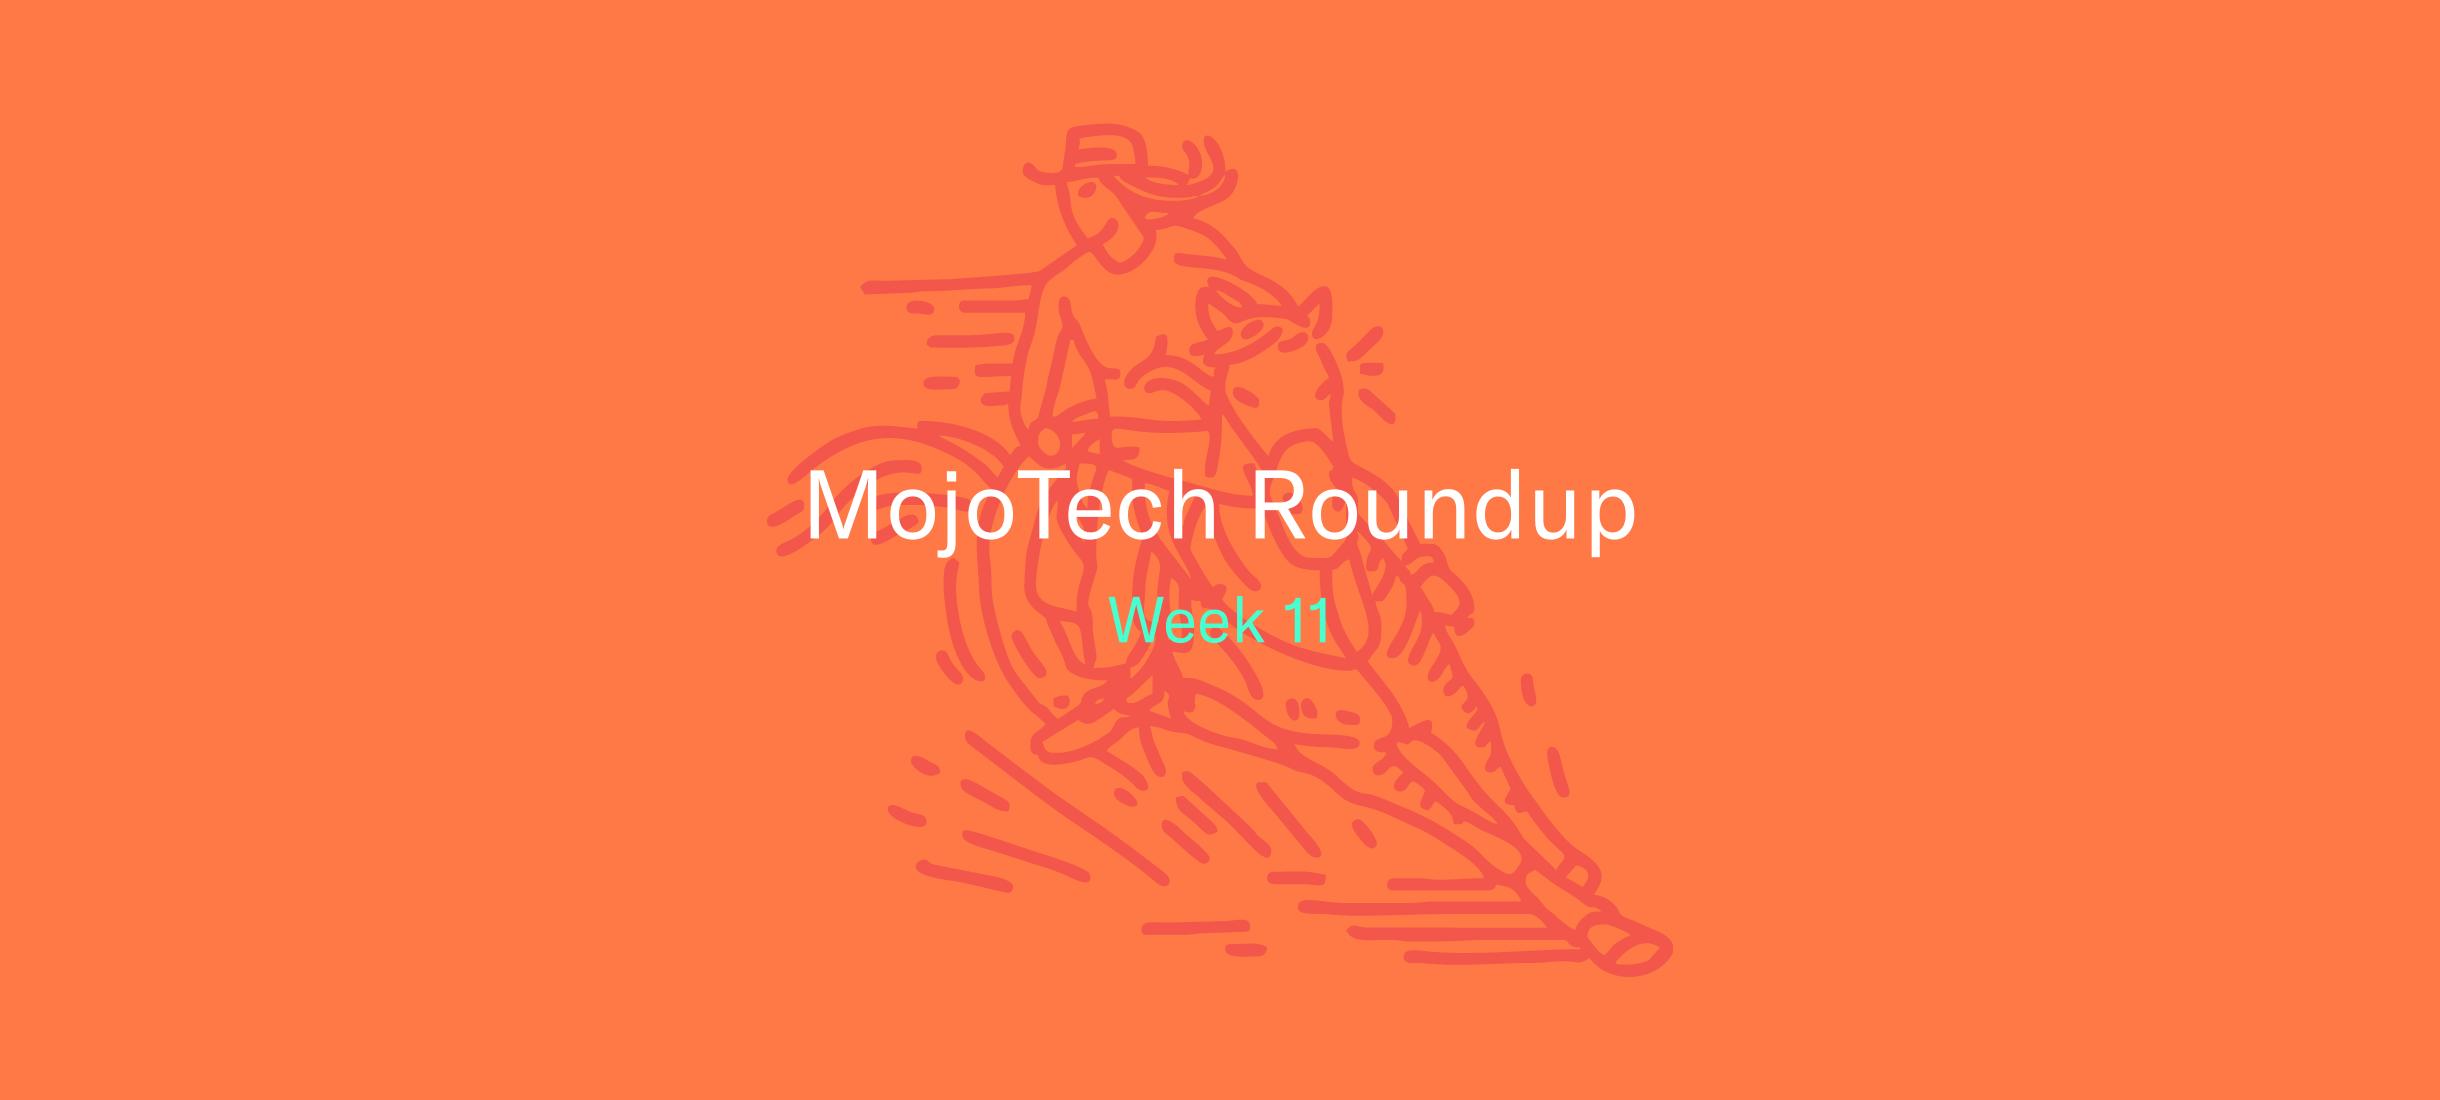 MojoTech Roundup week 11